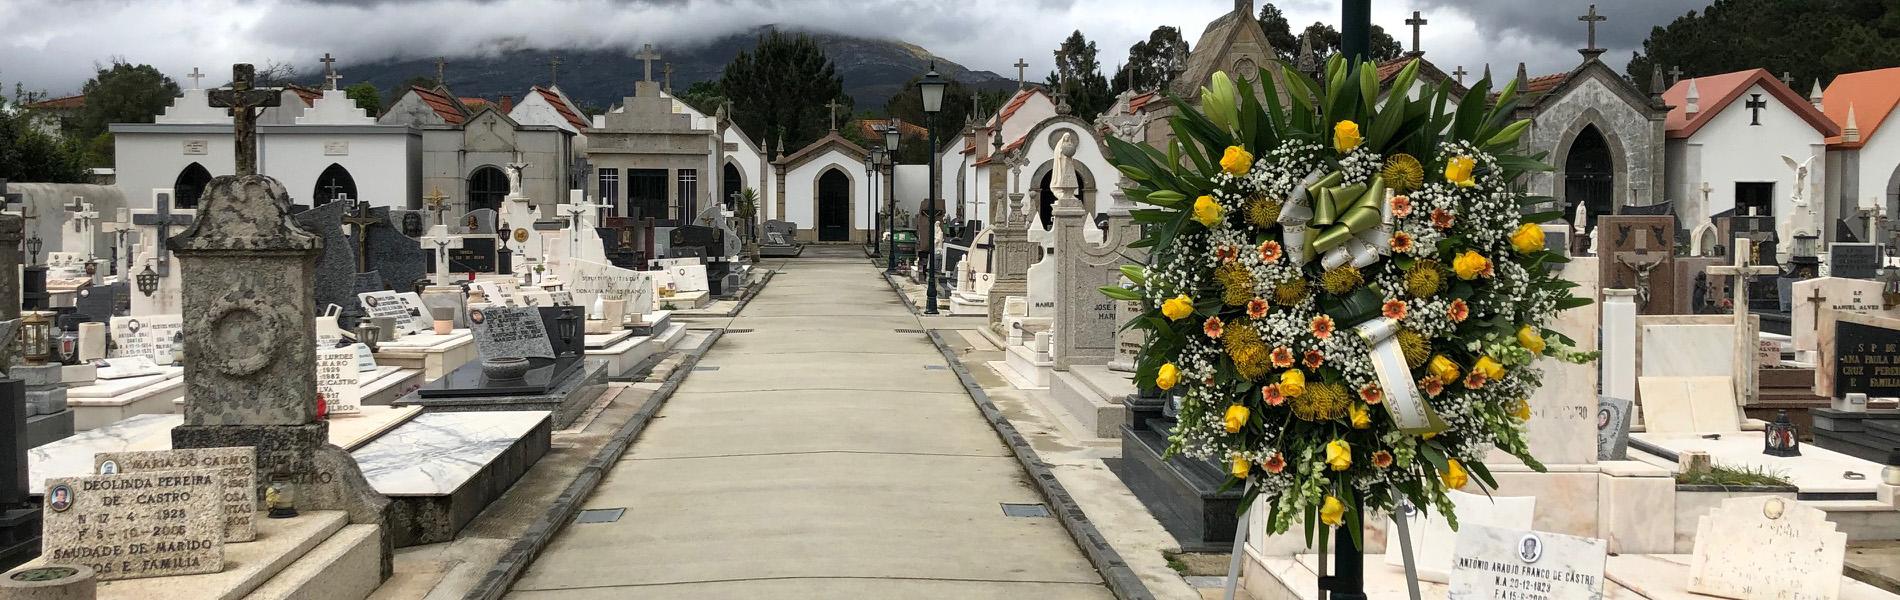 Deposição simbólica de coroa de flores no cemitério